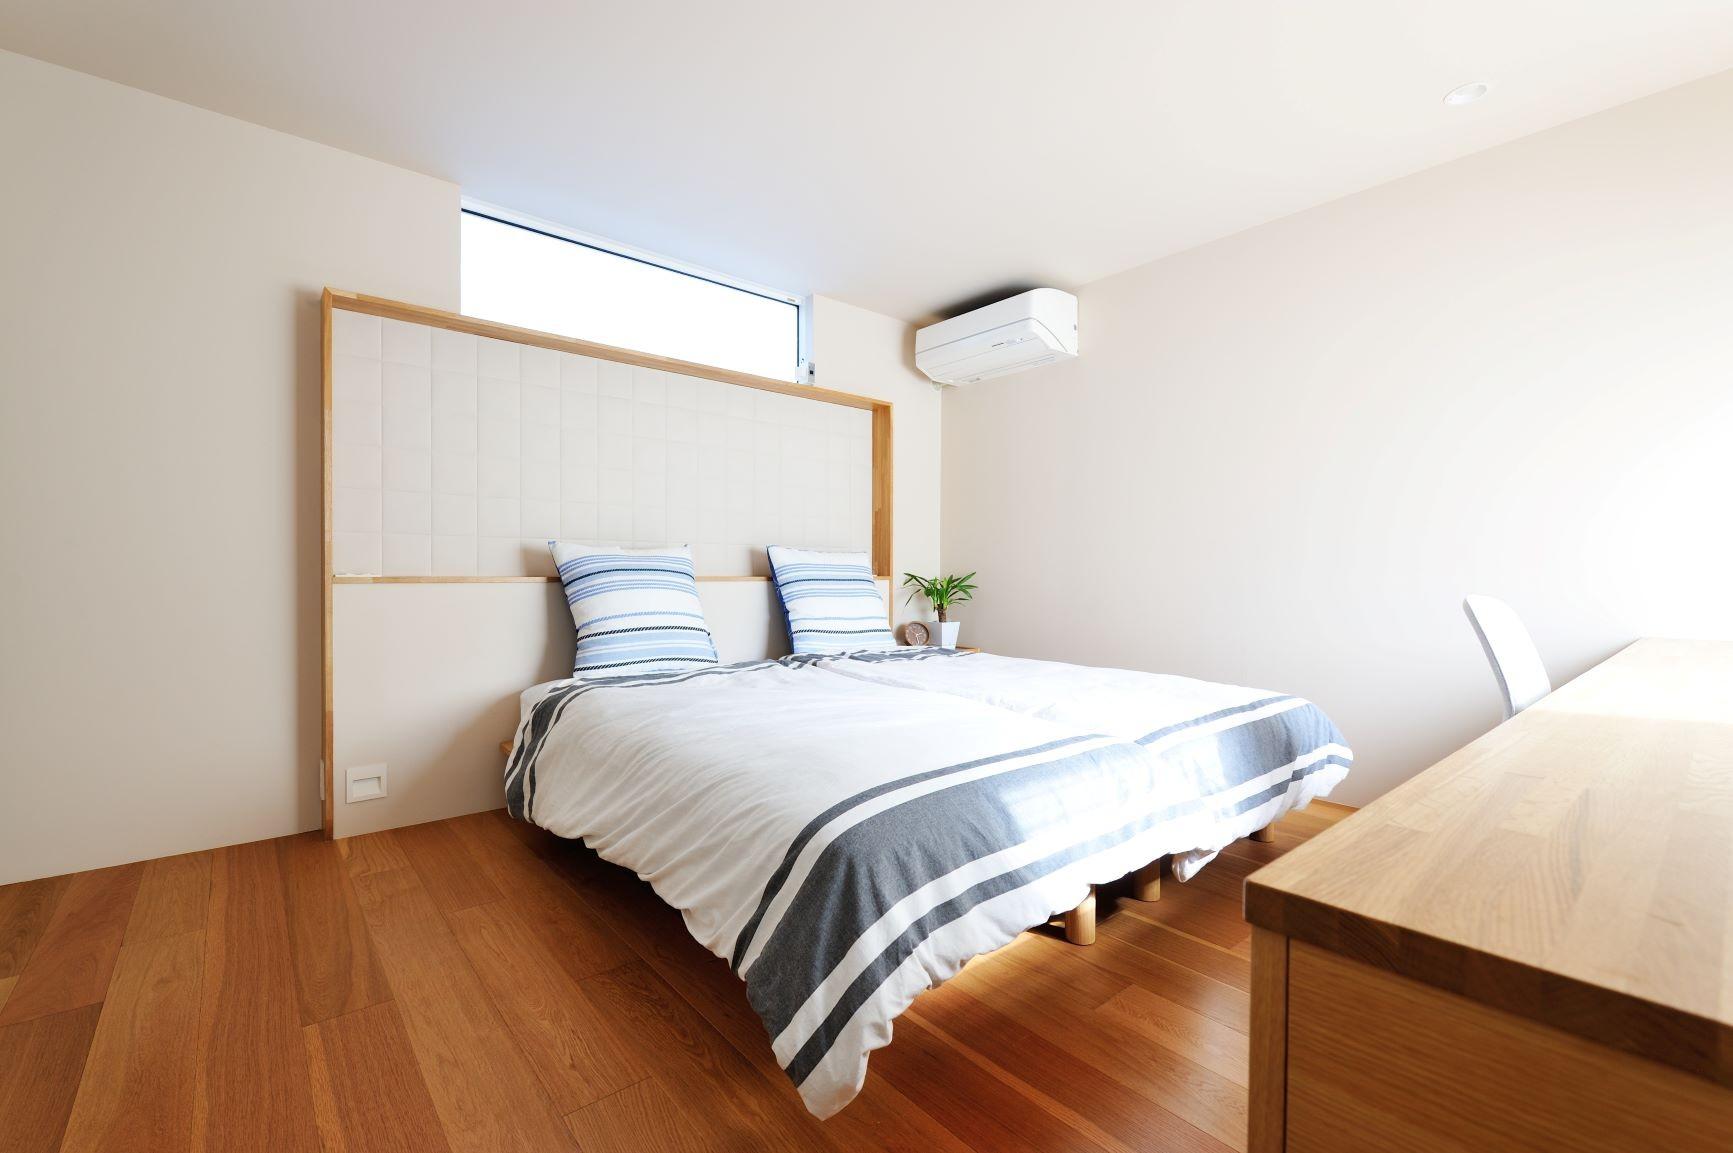 ベッドルーム事例:寝室(春日部の住宅)